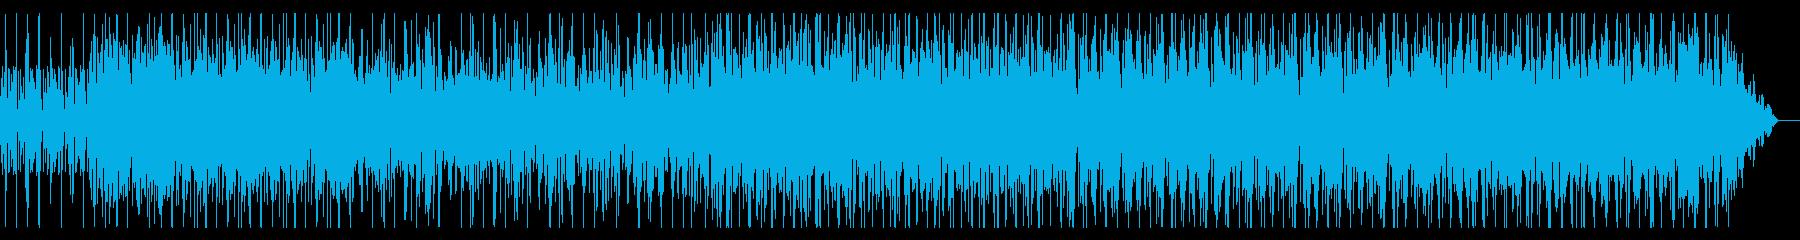 ディープで単調なシネマアンビエントの再生済みの波形